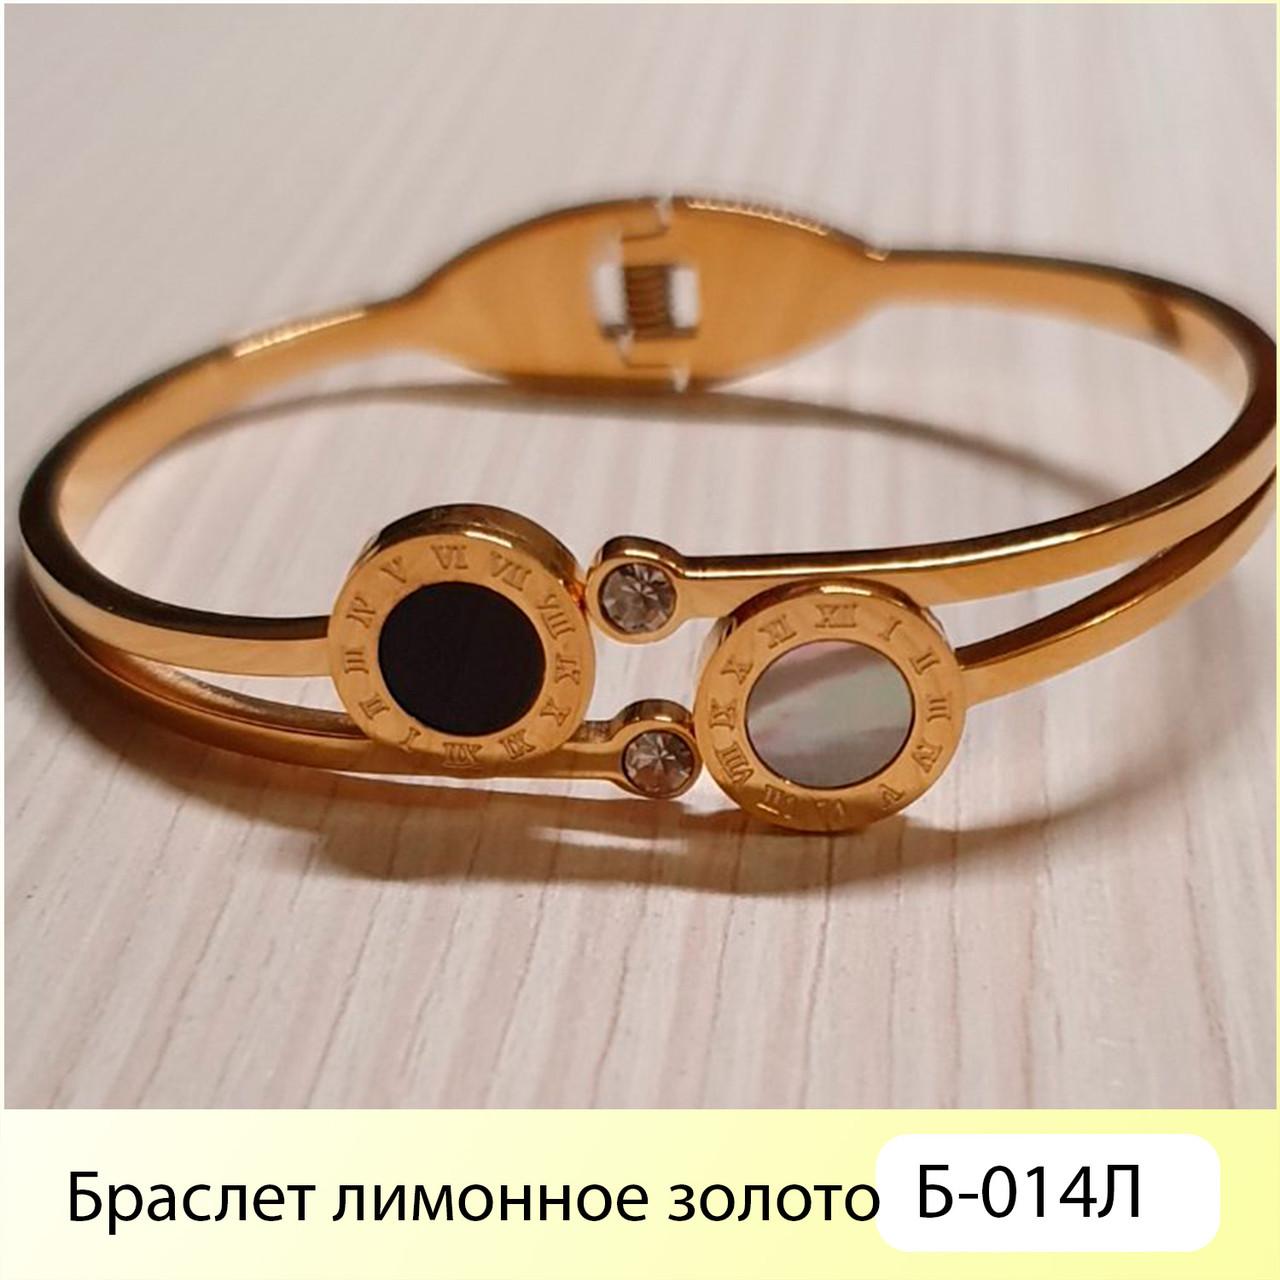 Браслет лимонное золото Б-014Л